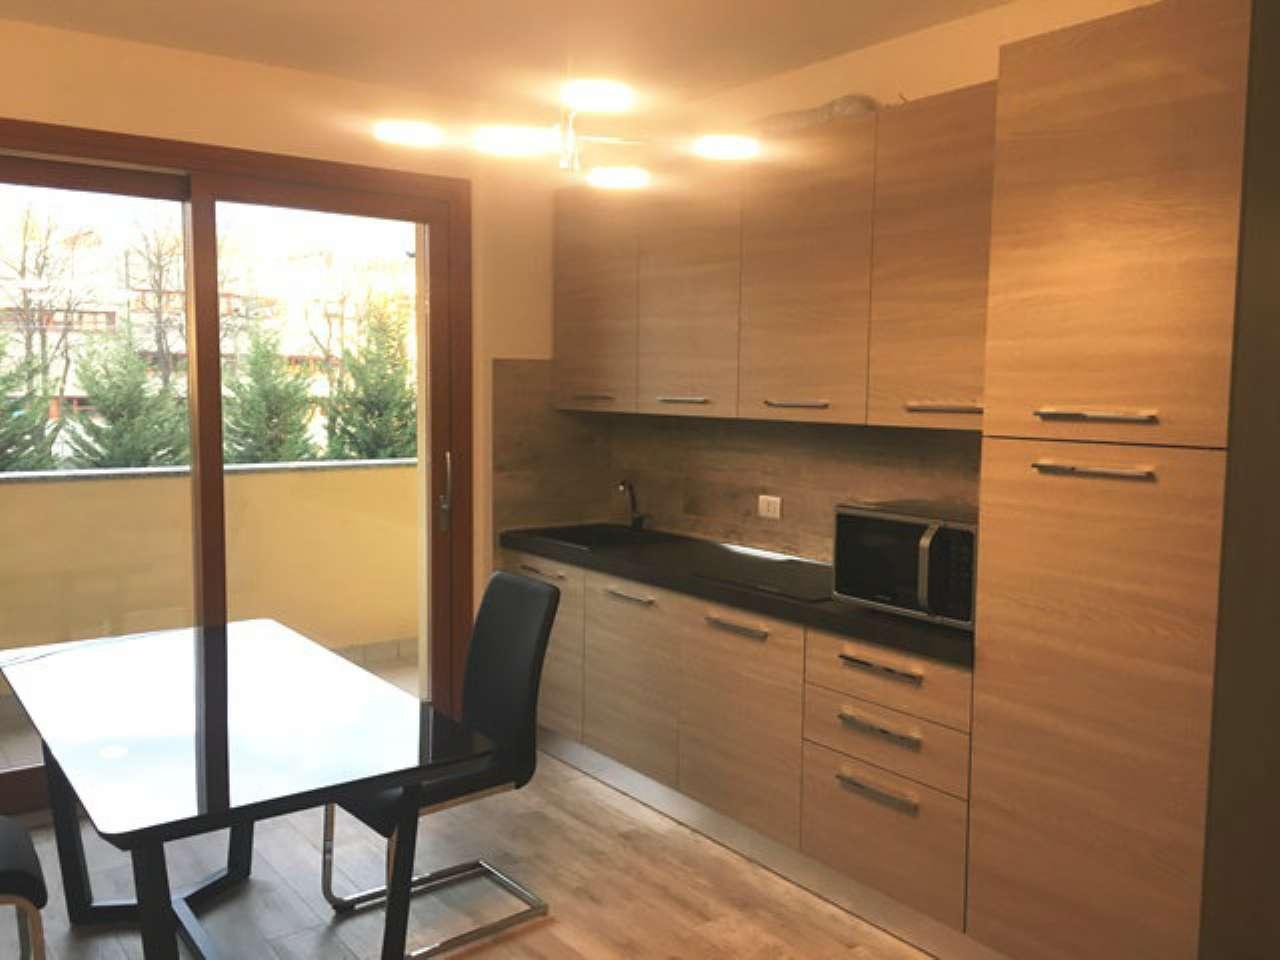 Appartamento in affitto a Tradate, 2 locali, prezzo € 475 | CambioCasa.it